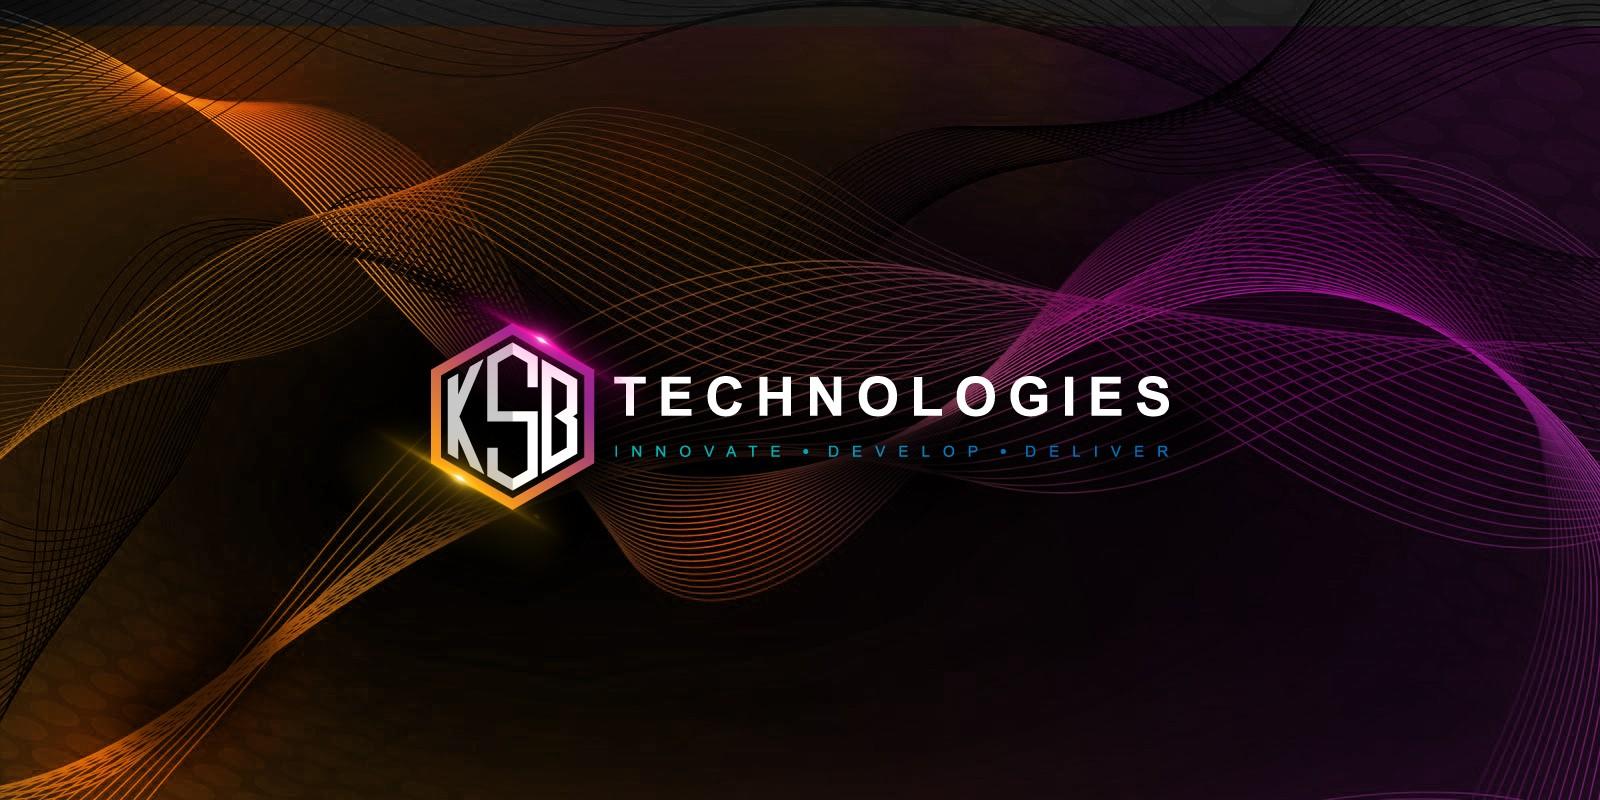 KSB Technologies LTD | LinkedIn